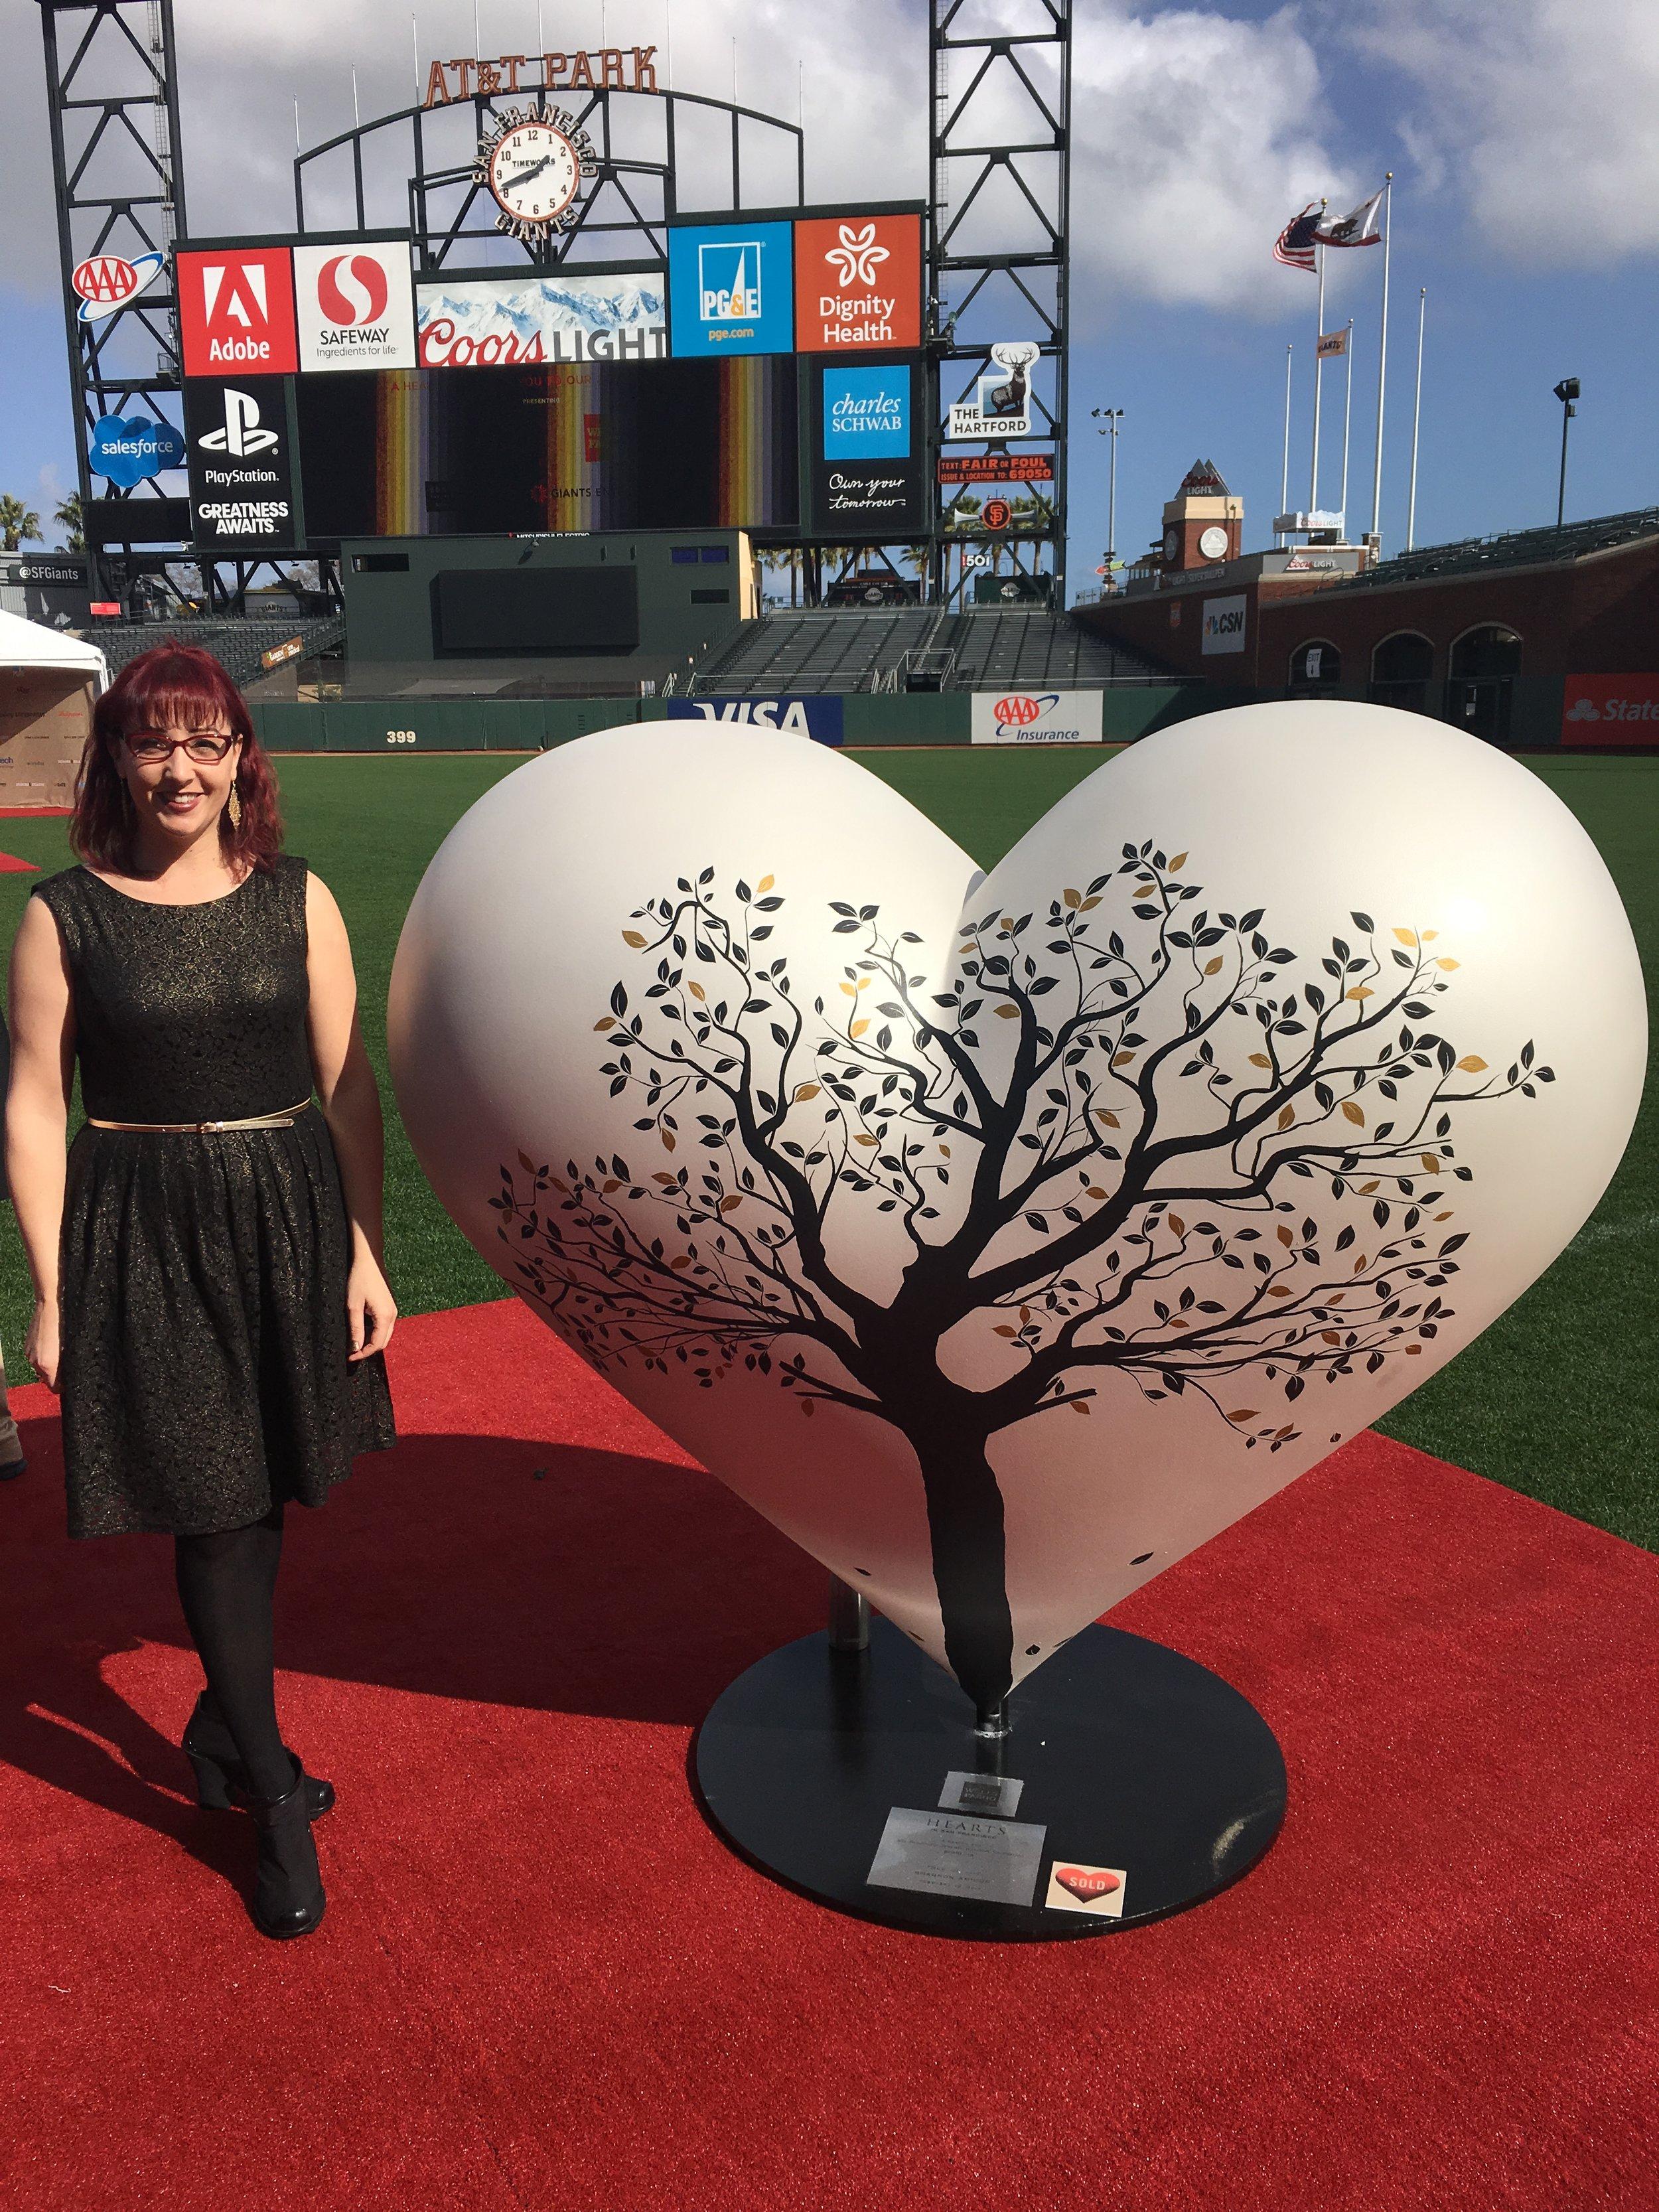 Shannon Amidon Heart at ATT Park